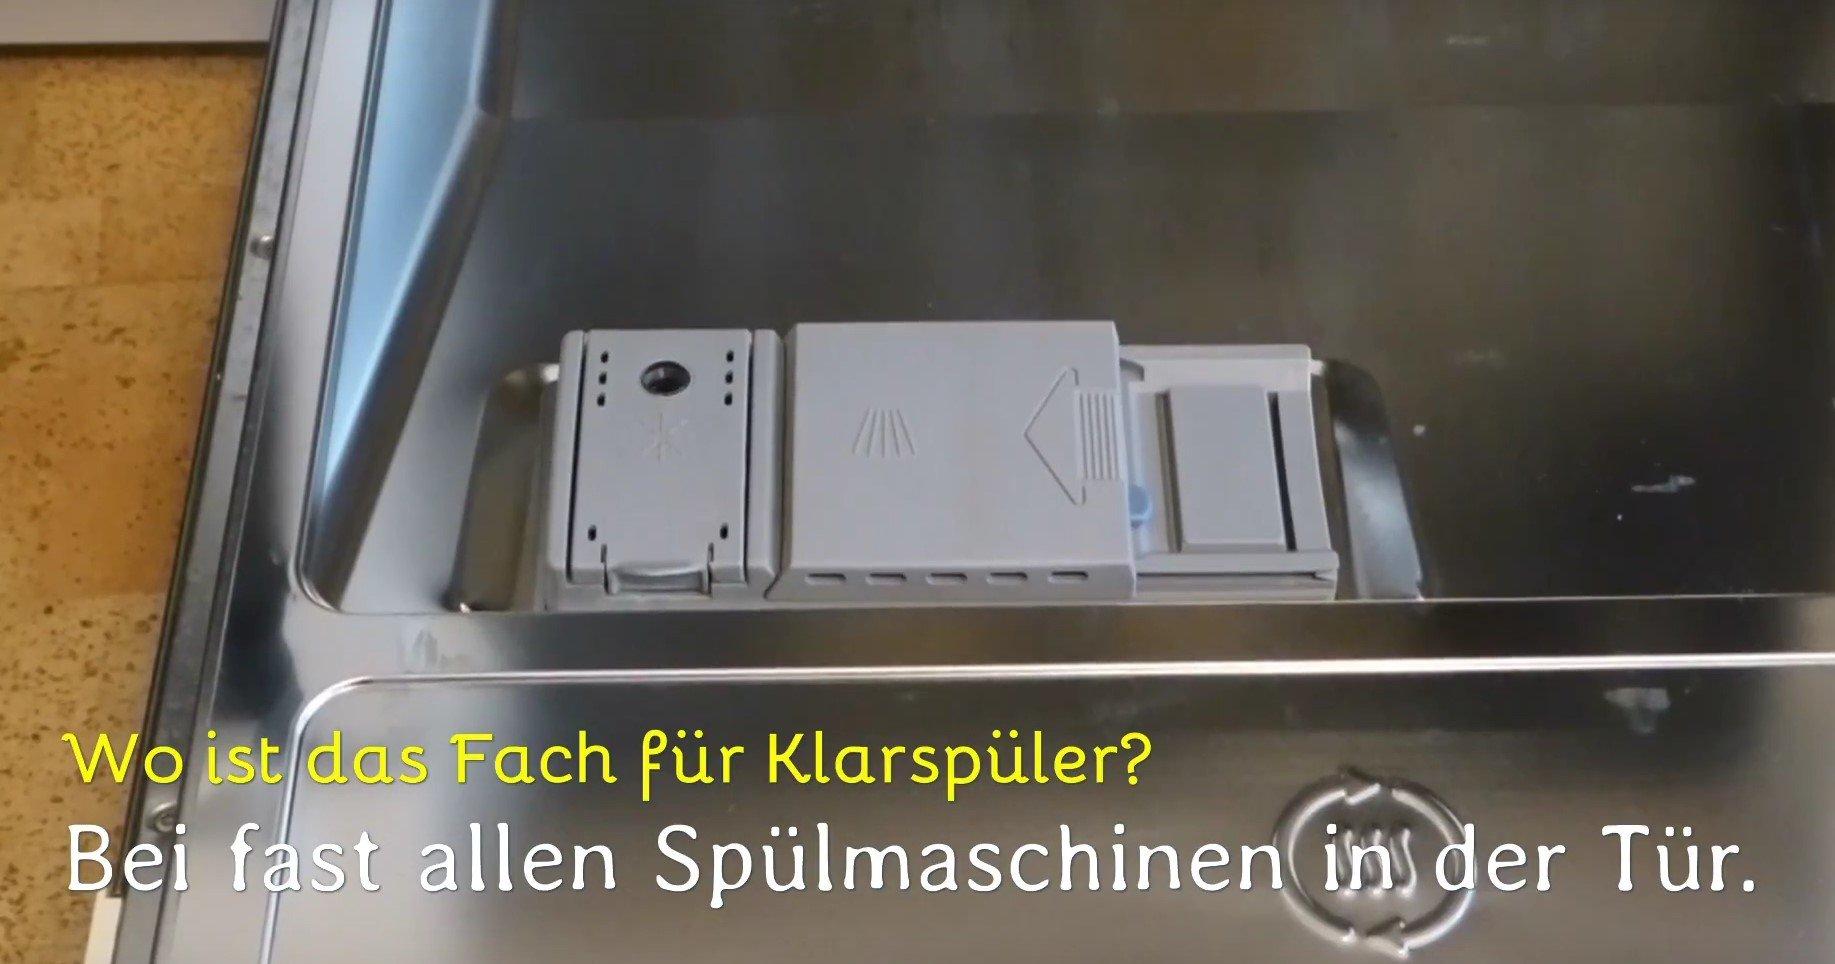 Bevorzugt Spülmaschine Klarspüler nachfüllen - So geht's - Testsguide.de KR33